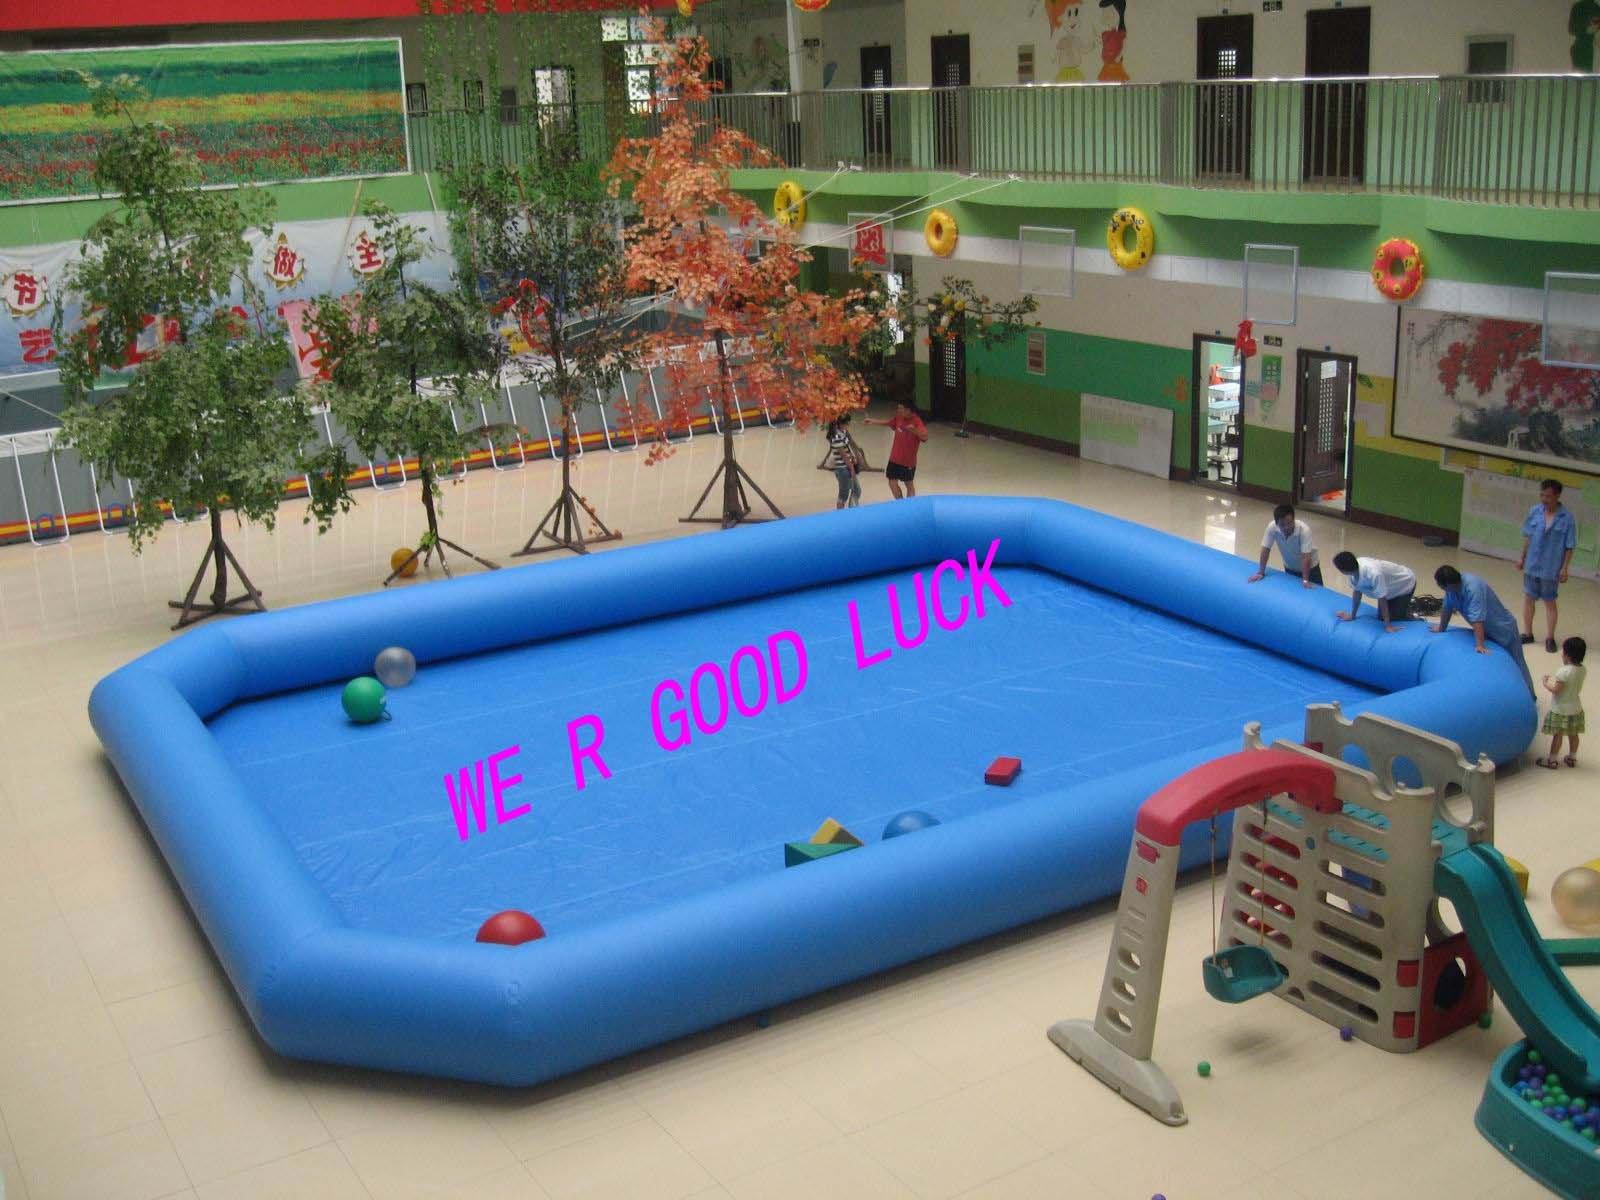 L 39 eau piscine parc aquatique piscine gonflable enfants piscine pl09 - Entretien eau piscine gonflable ...